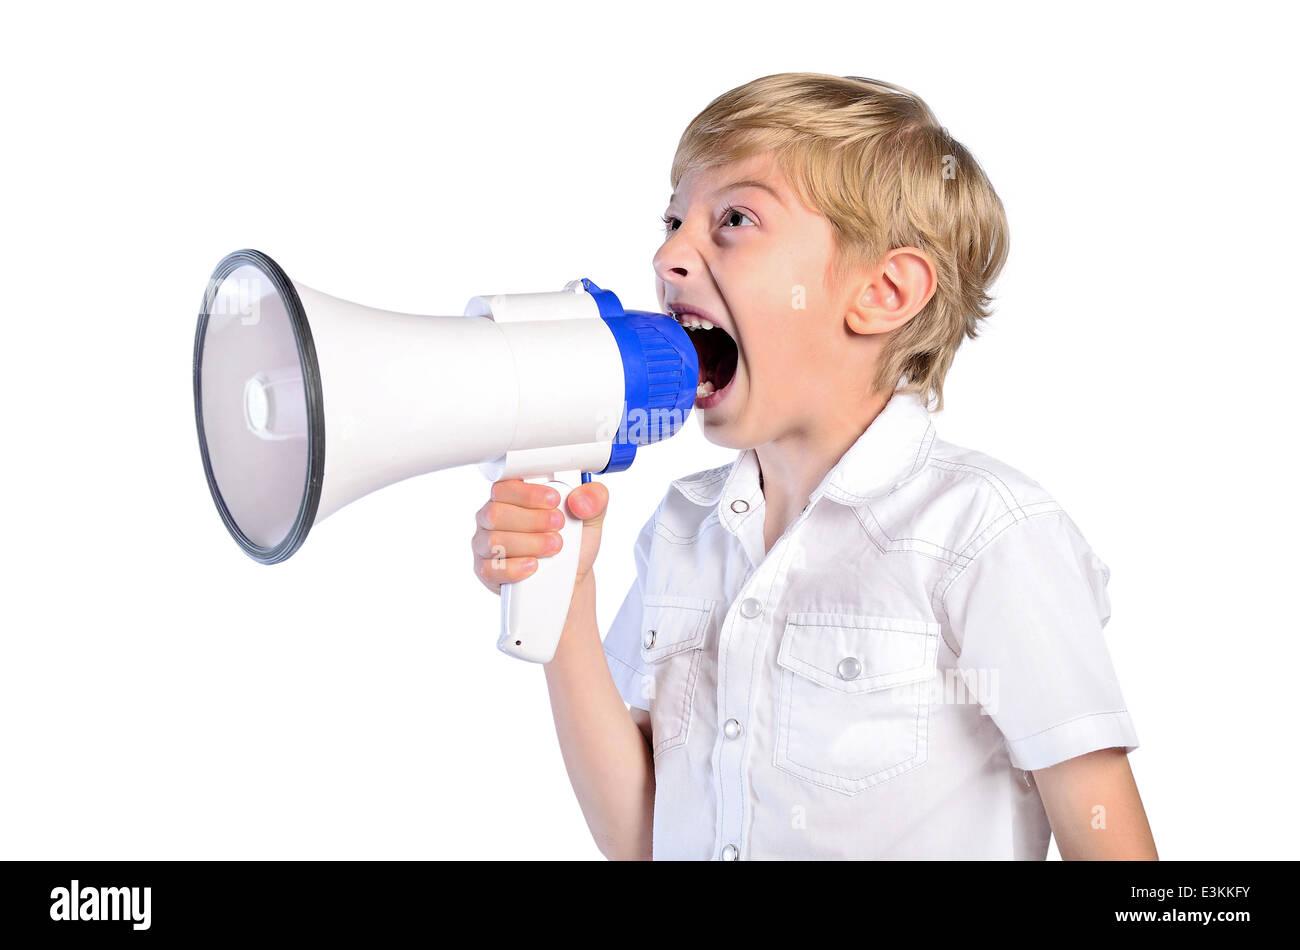 Amplificador de agresión ira enojado anunciar antecedentes extraño niño comunicarse concepto demostración Imagen De Stock